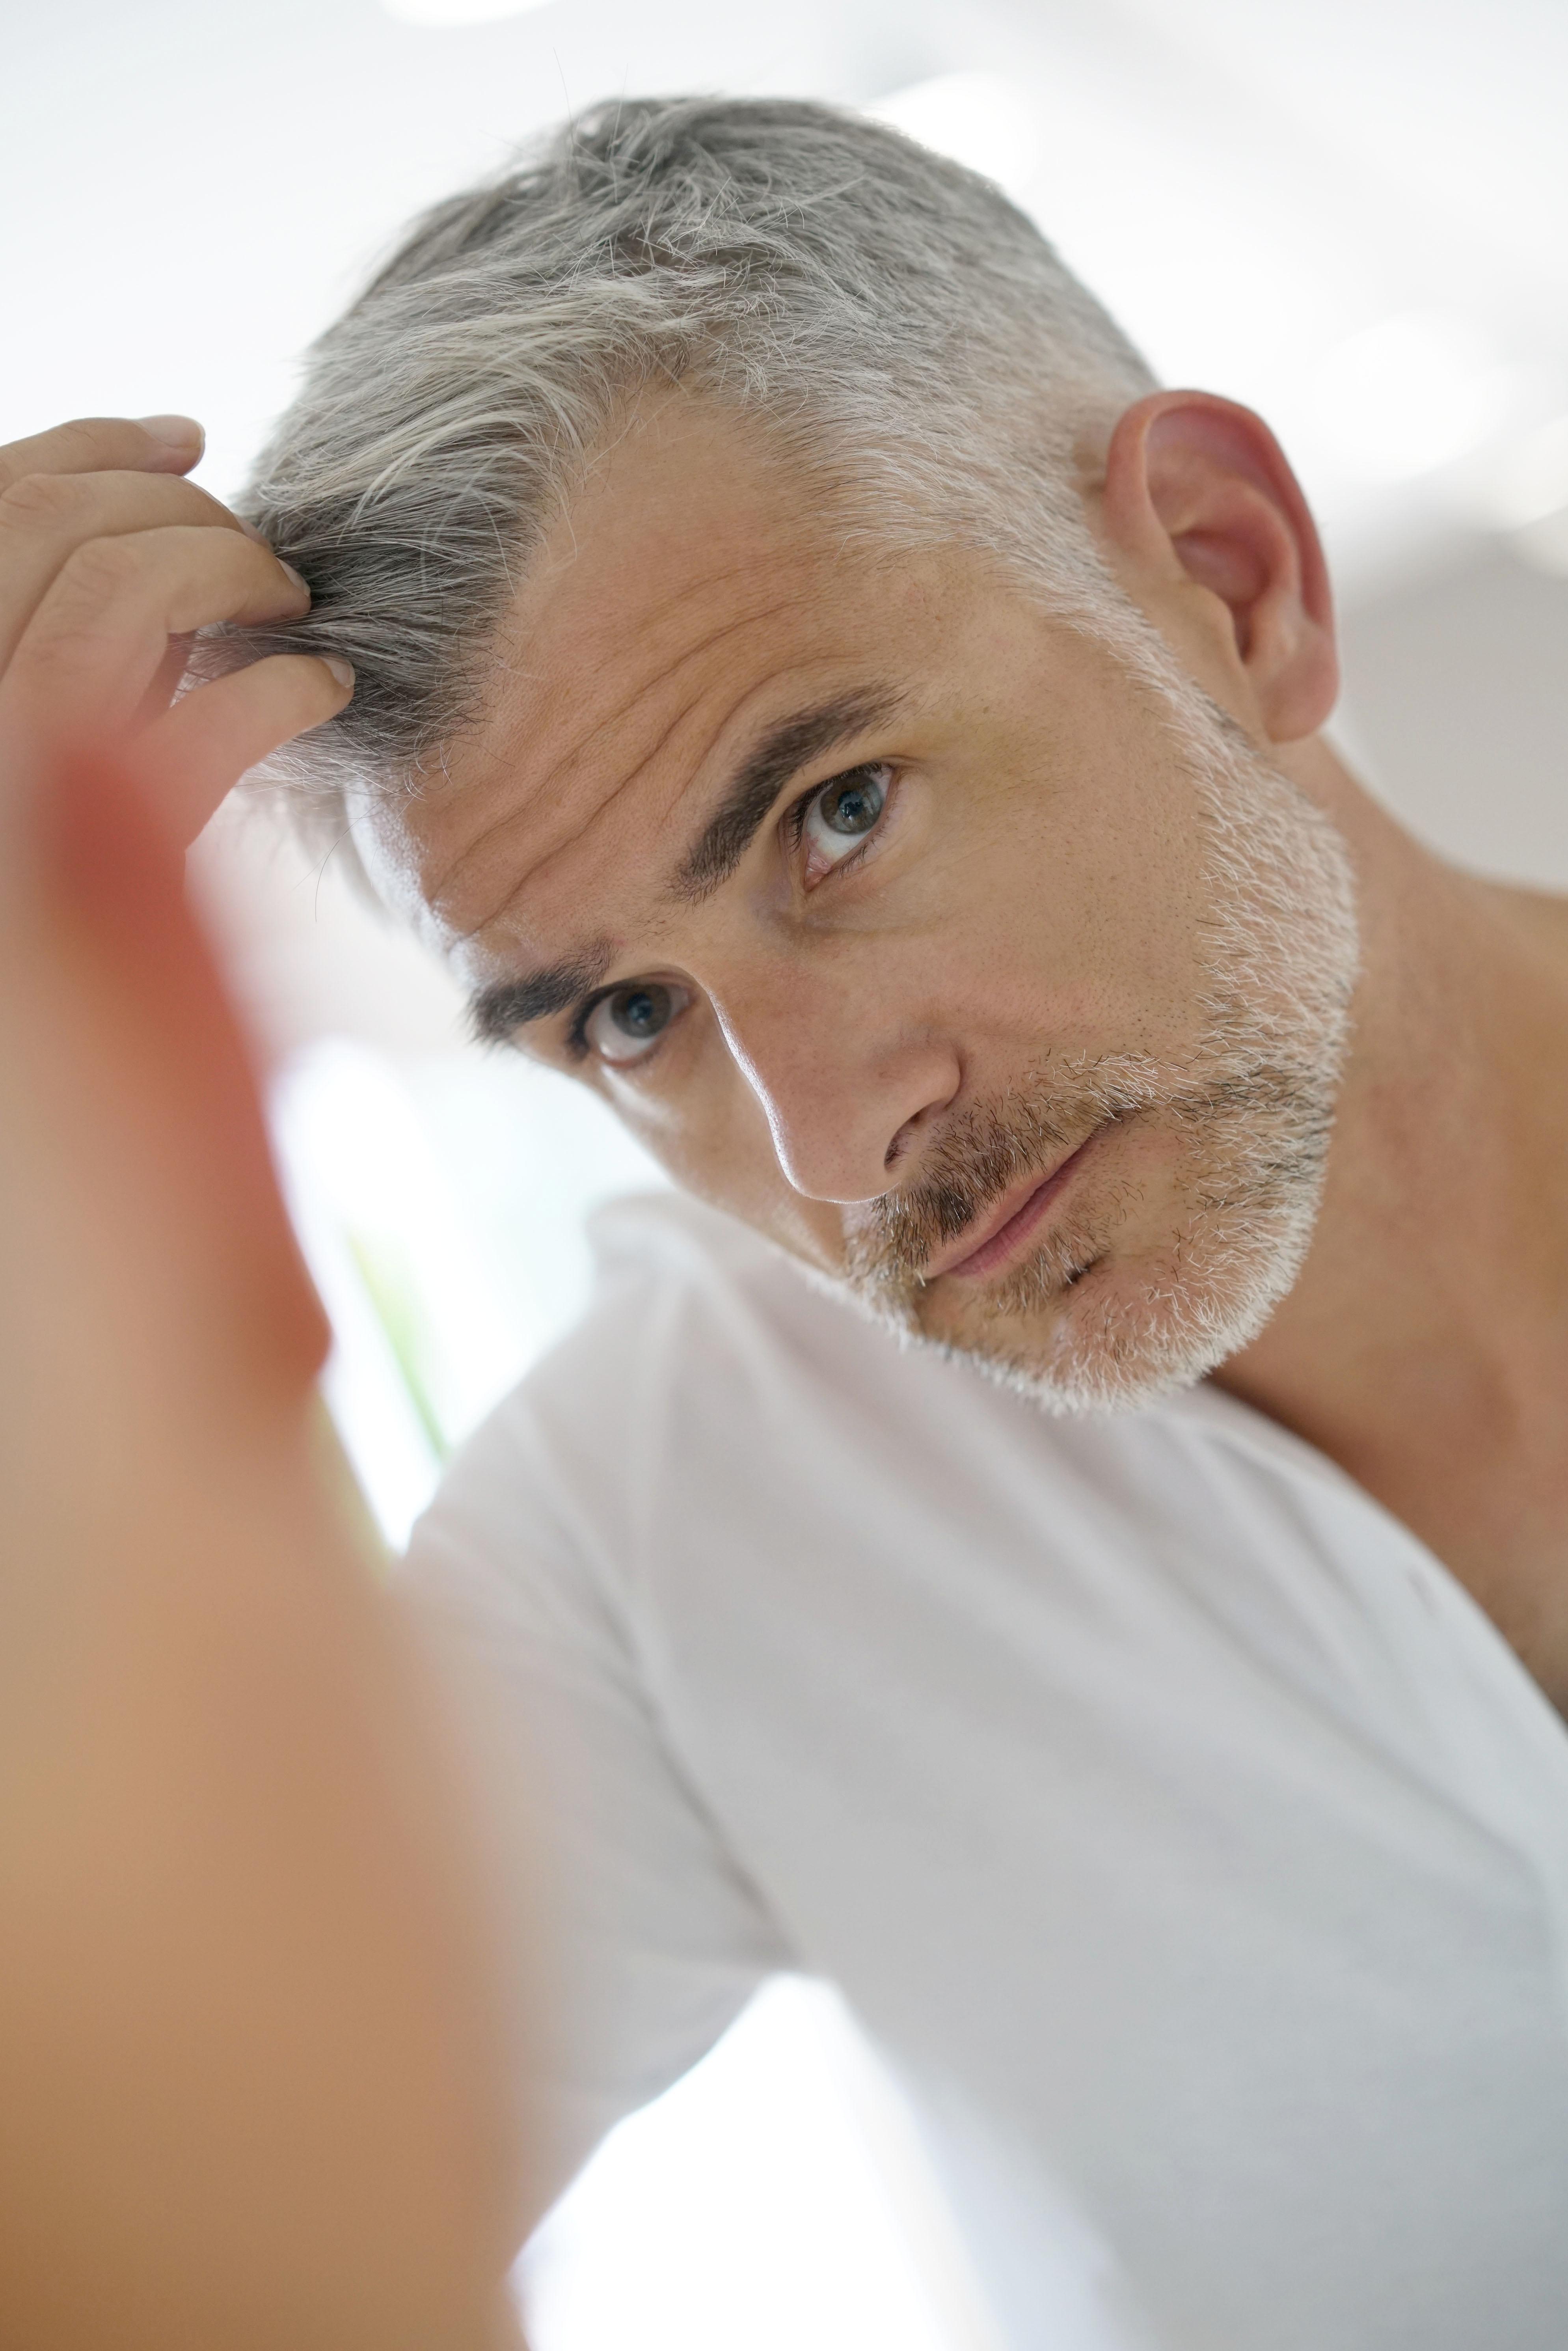 Hair transplant man